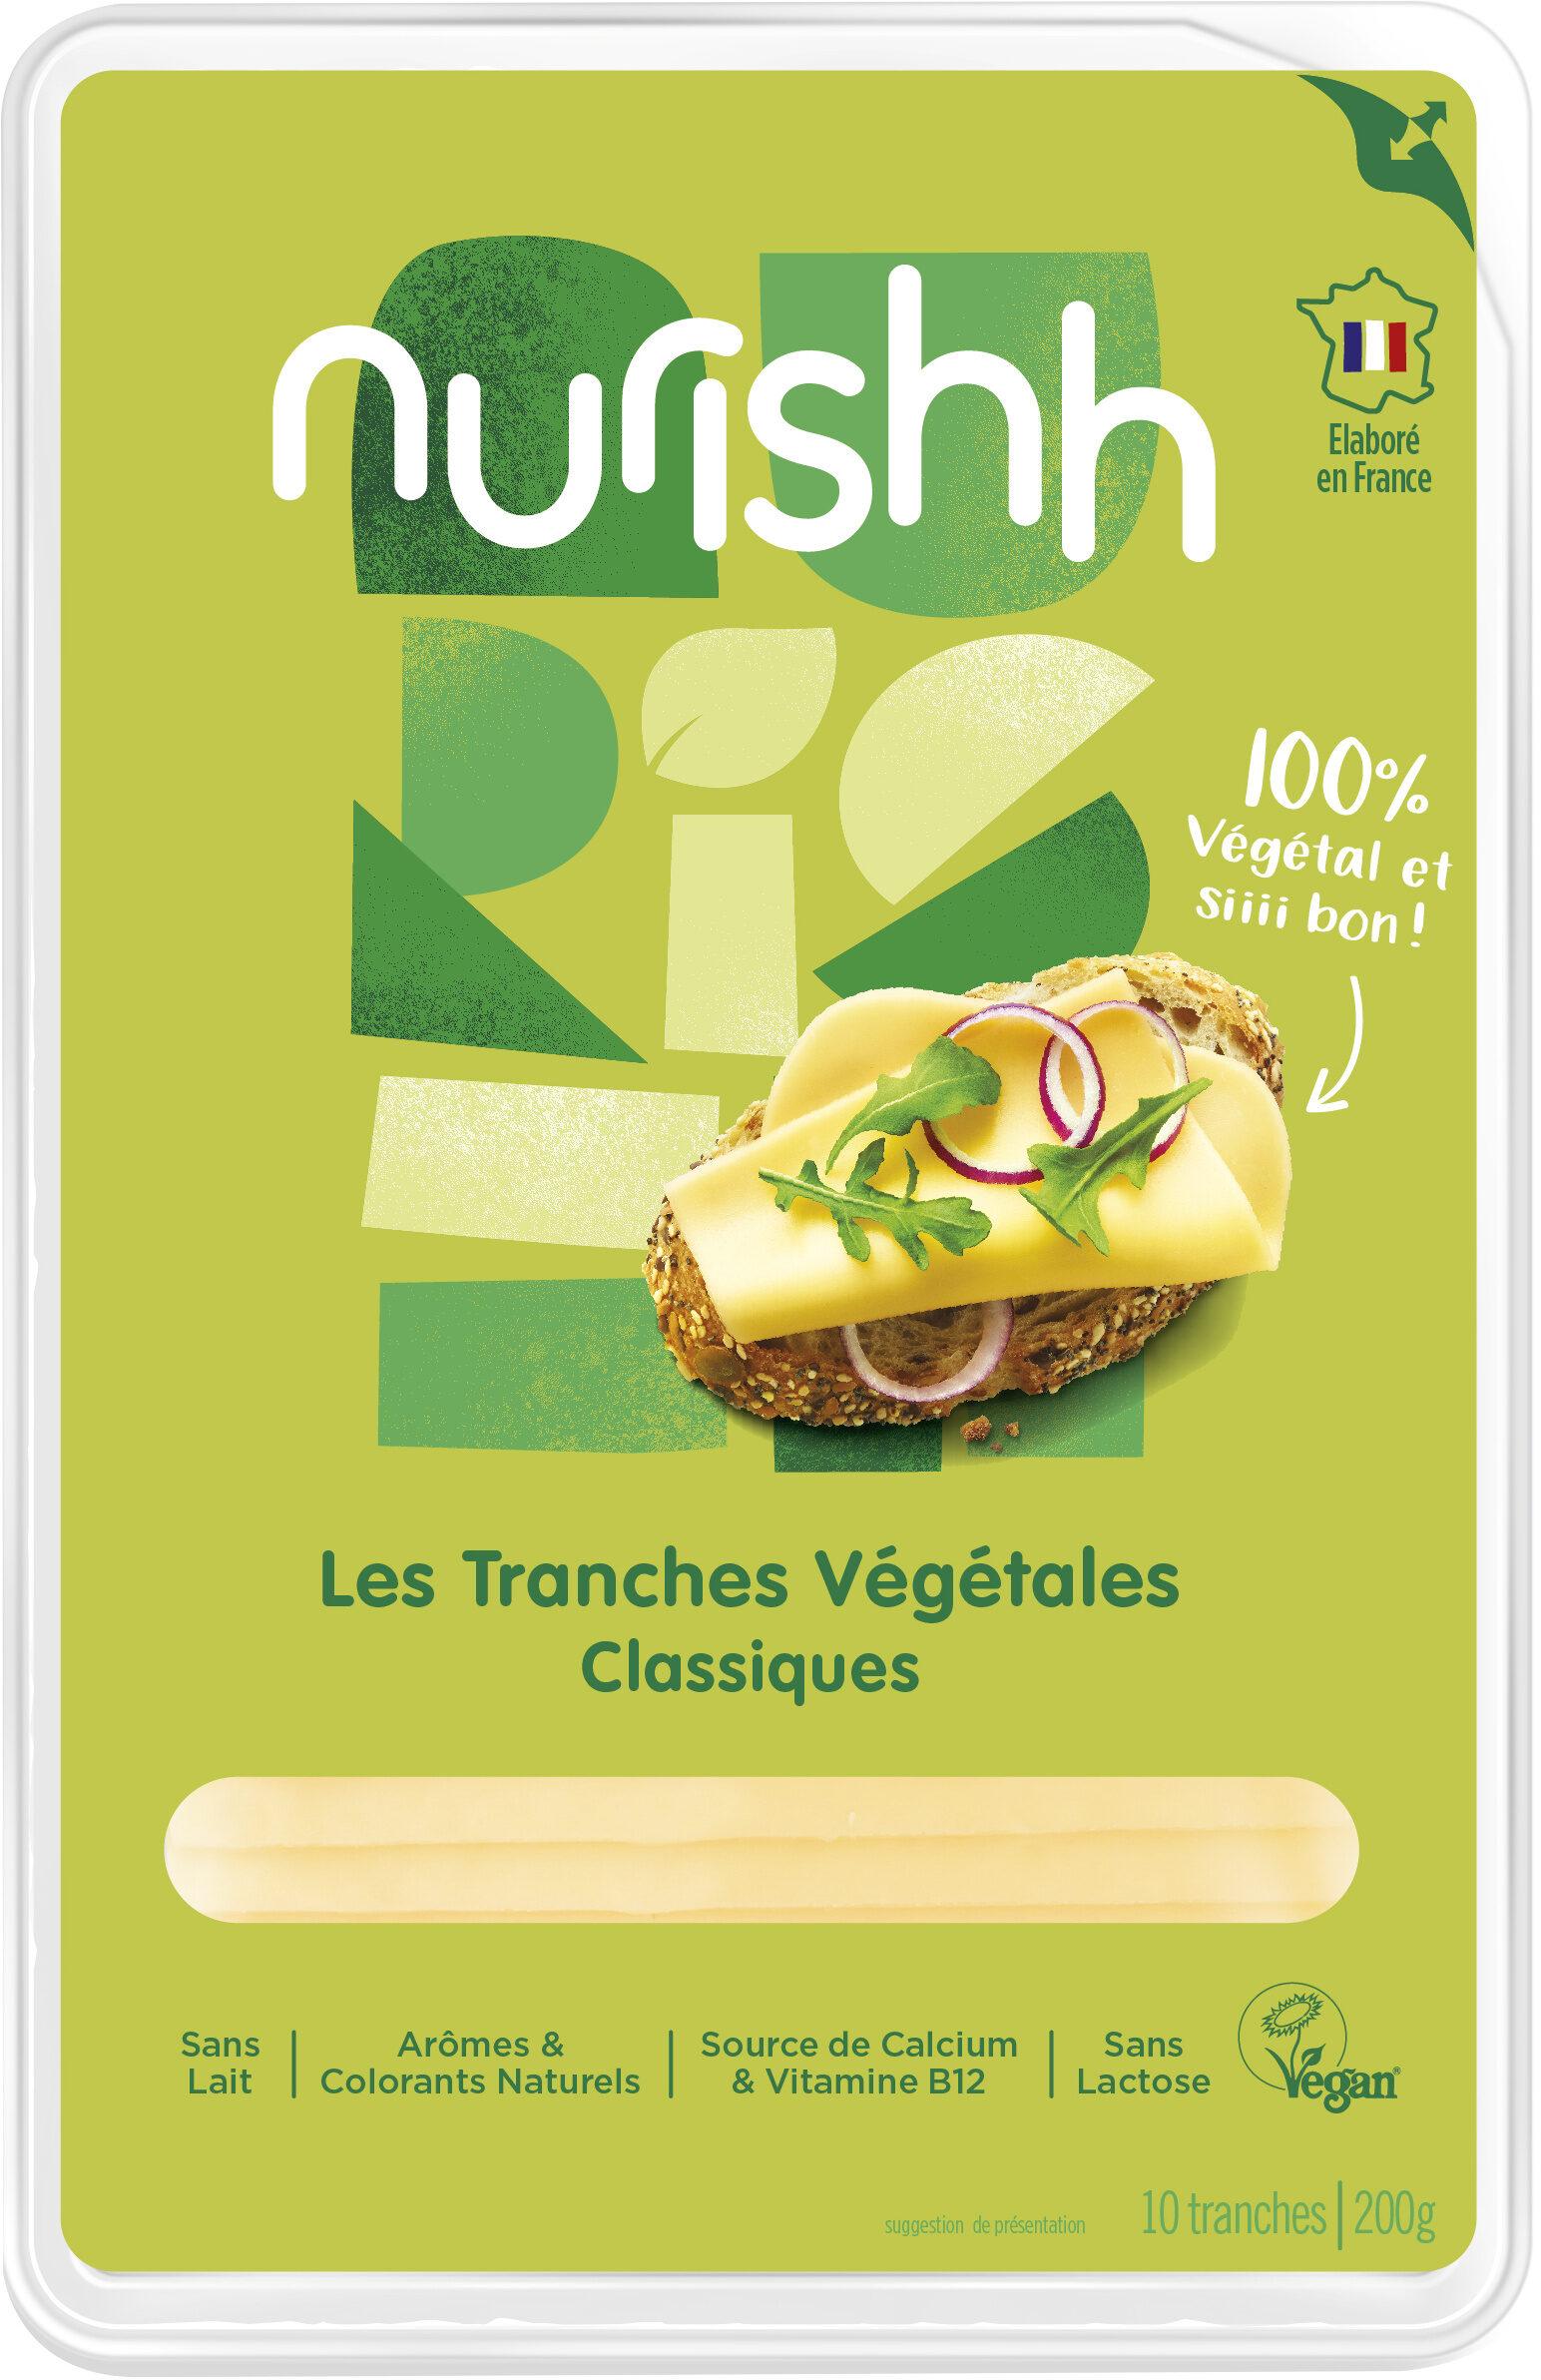 Tranches Végétales Classiques - Istruzioni per il riciclaggio e/o informazioni sull'imballaggio - fr